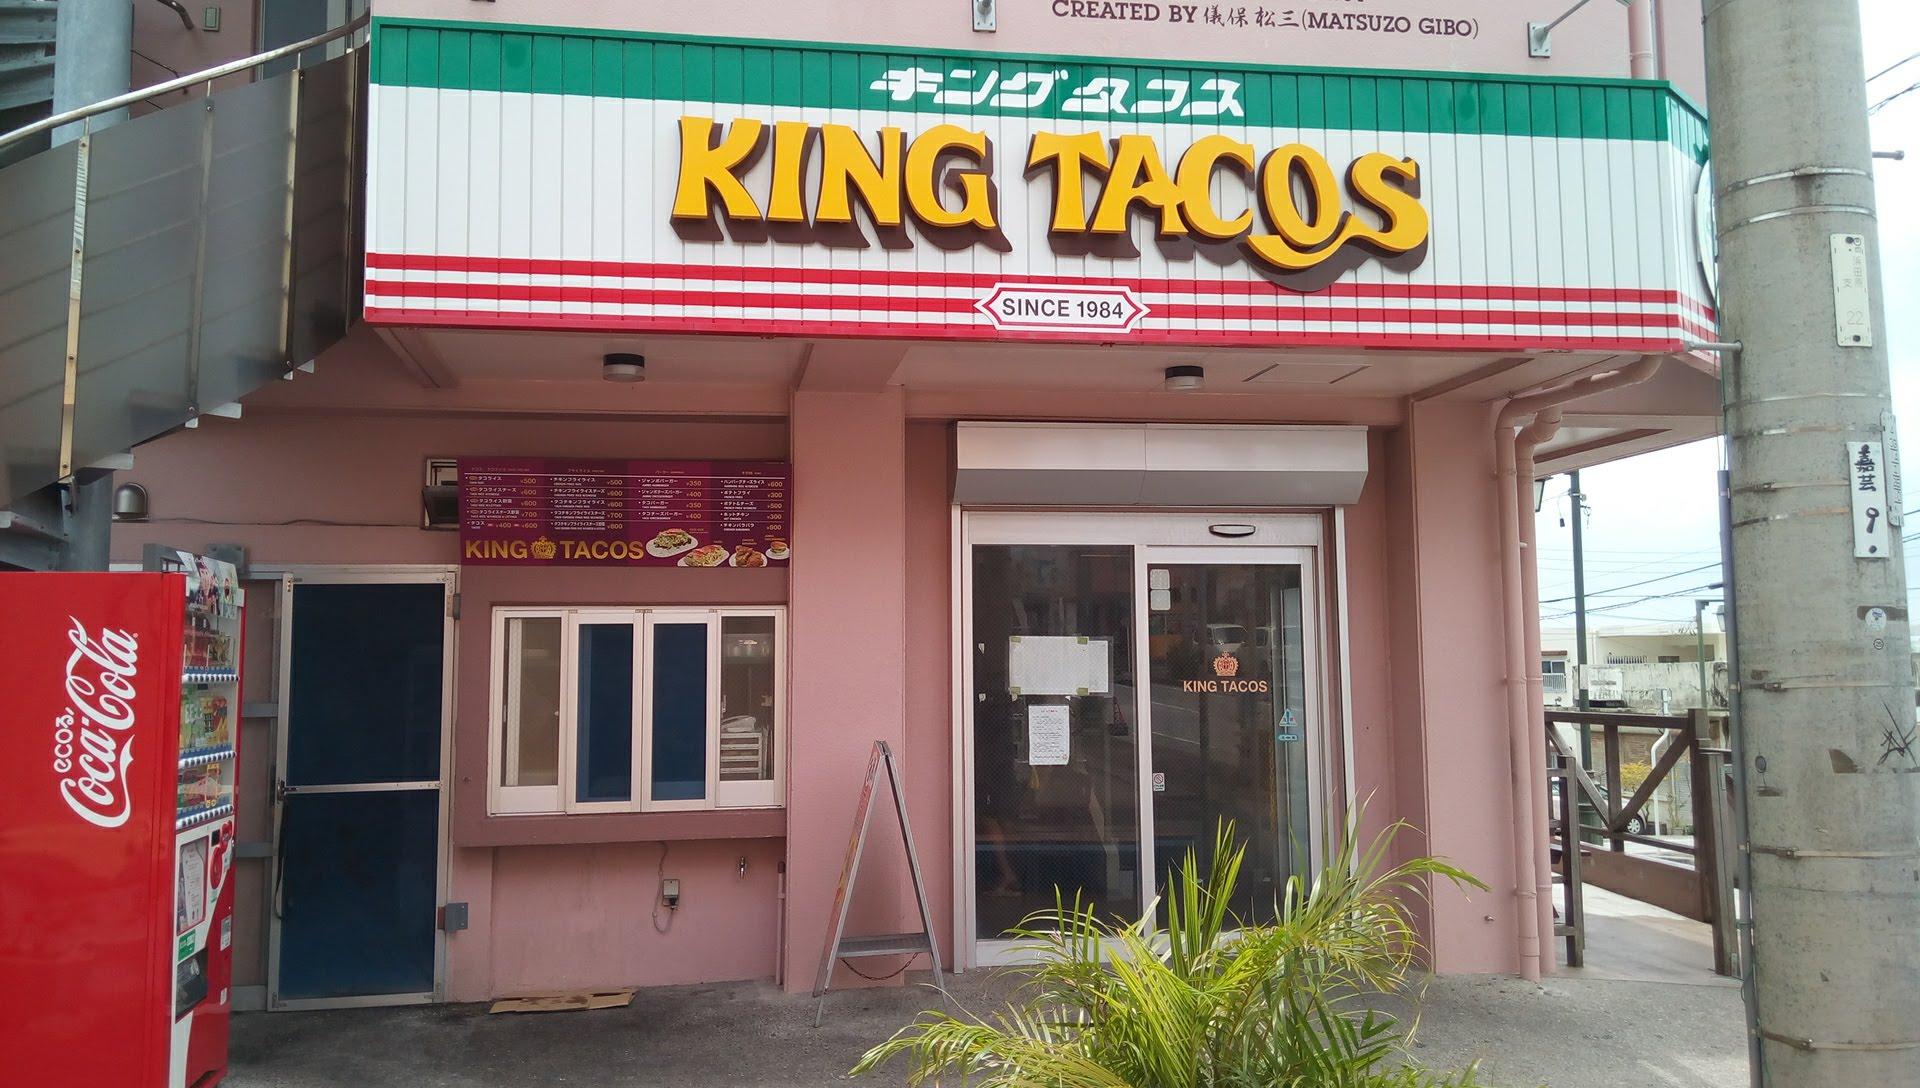 タコライス発祥の店と言えば金武町のキングタコス!正真正銘の元祖